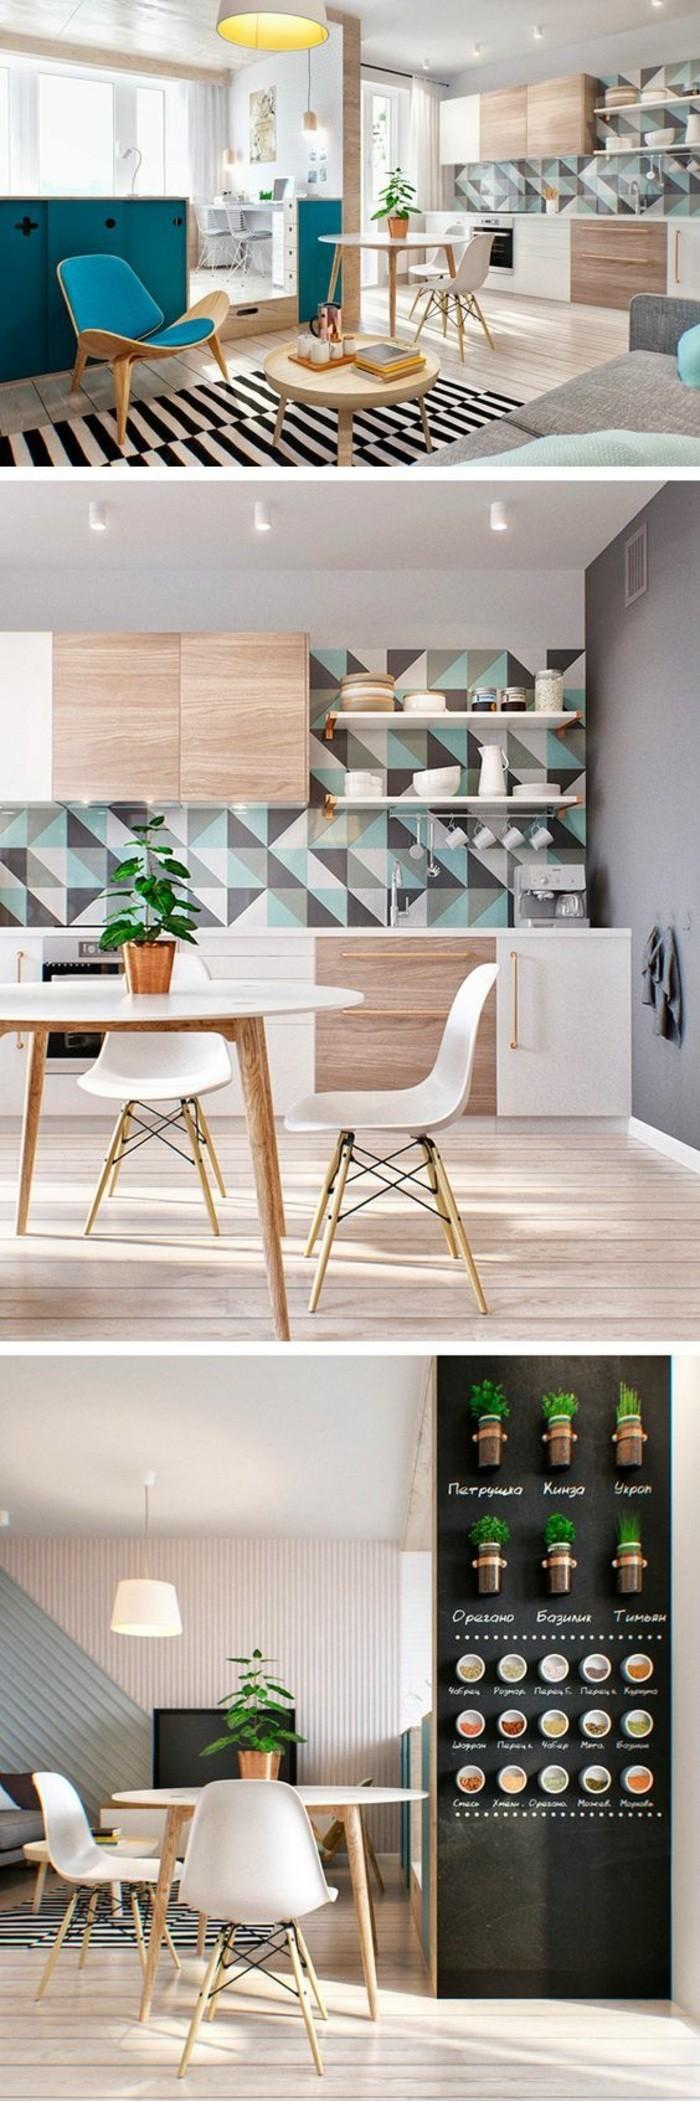 Full Size of 1001 Wunderschne Ideen Eckküche Mit Elektrogeräten Arbeitsplatte Küche Aufbewahrungsbehälter Singleküche Kühlschrank Was Kostet Eine Gardinen Für Wohnzimmer Küche Wanddeko